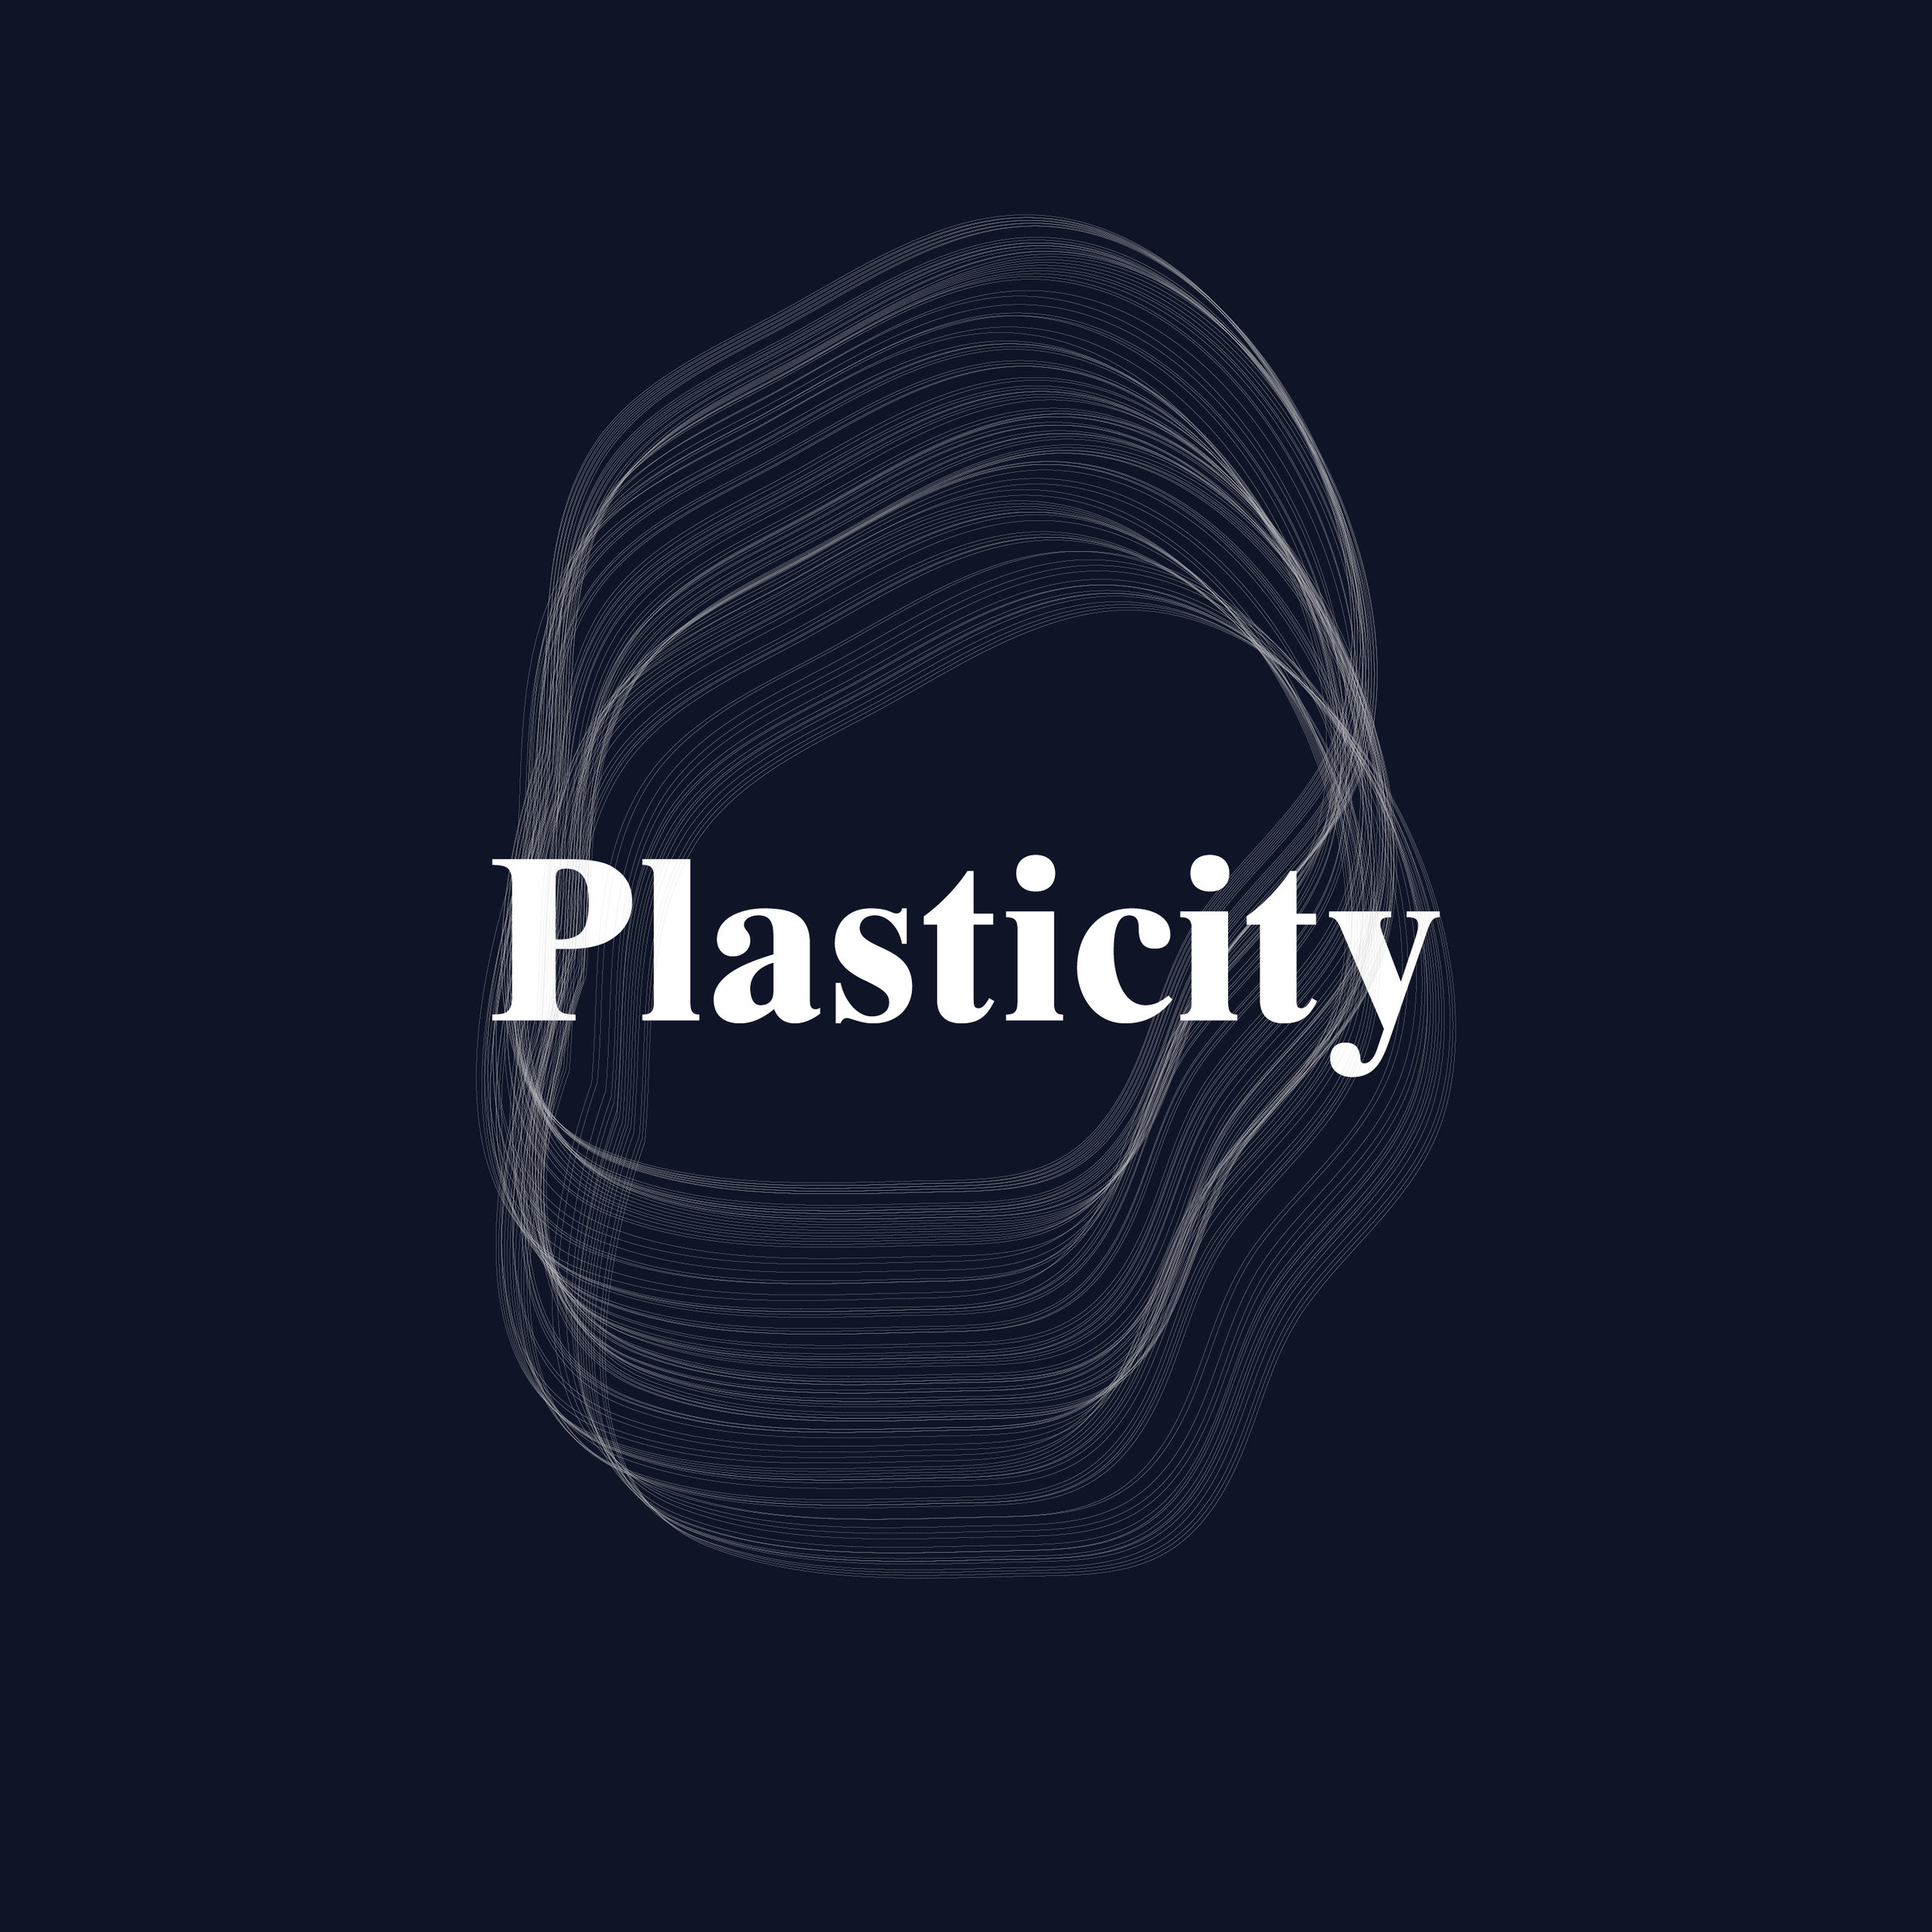 PLASTICITY_IG.jpg